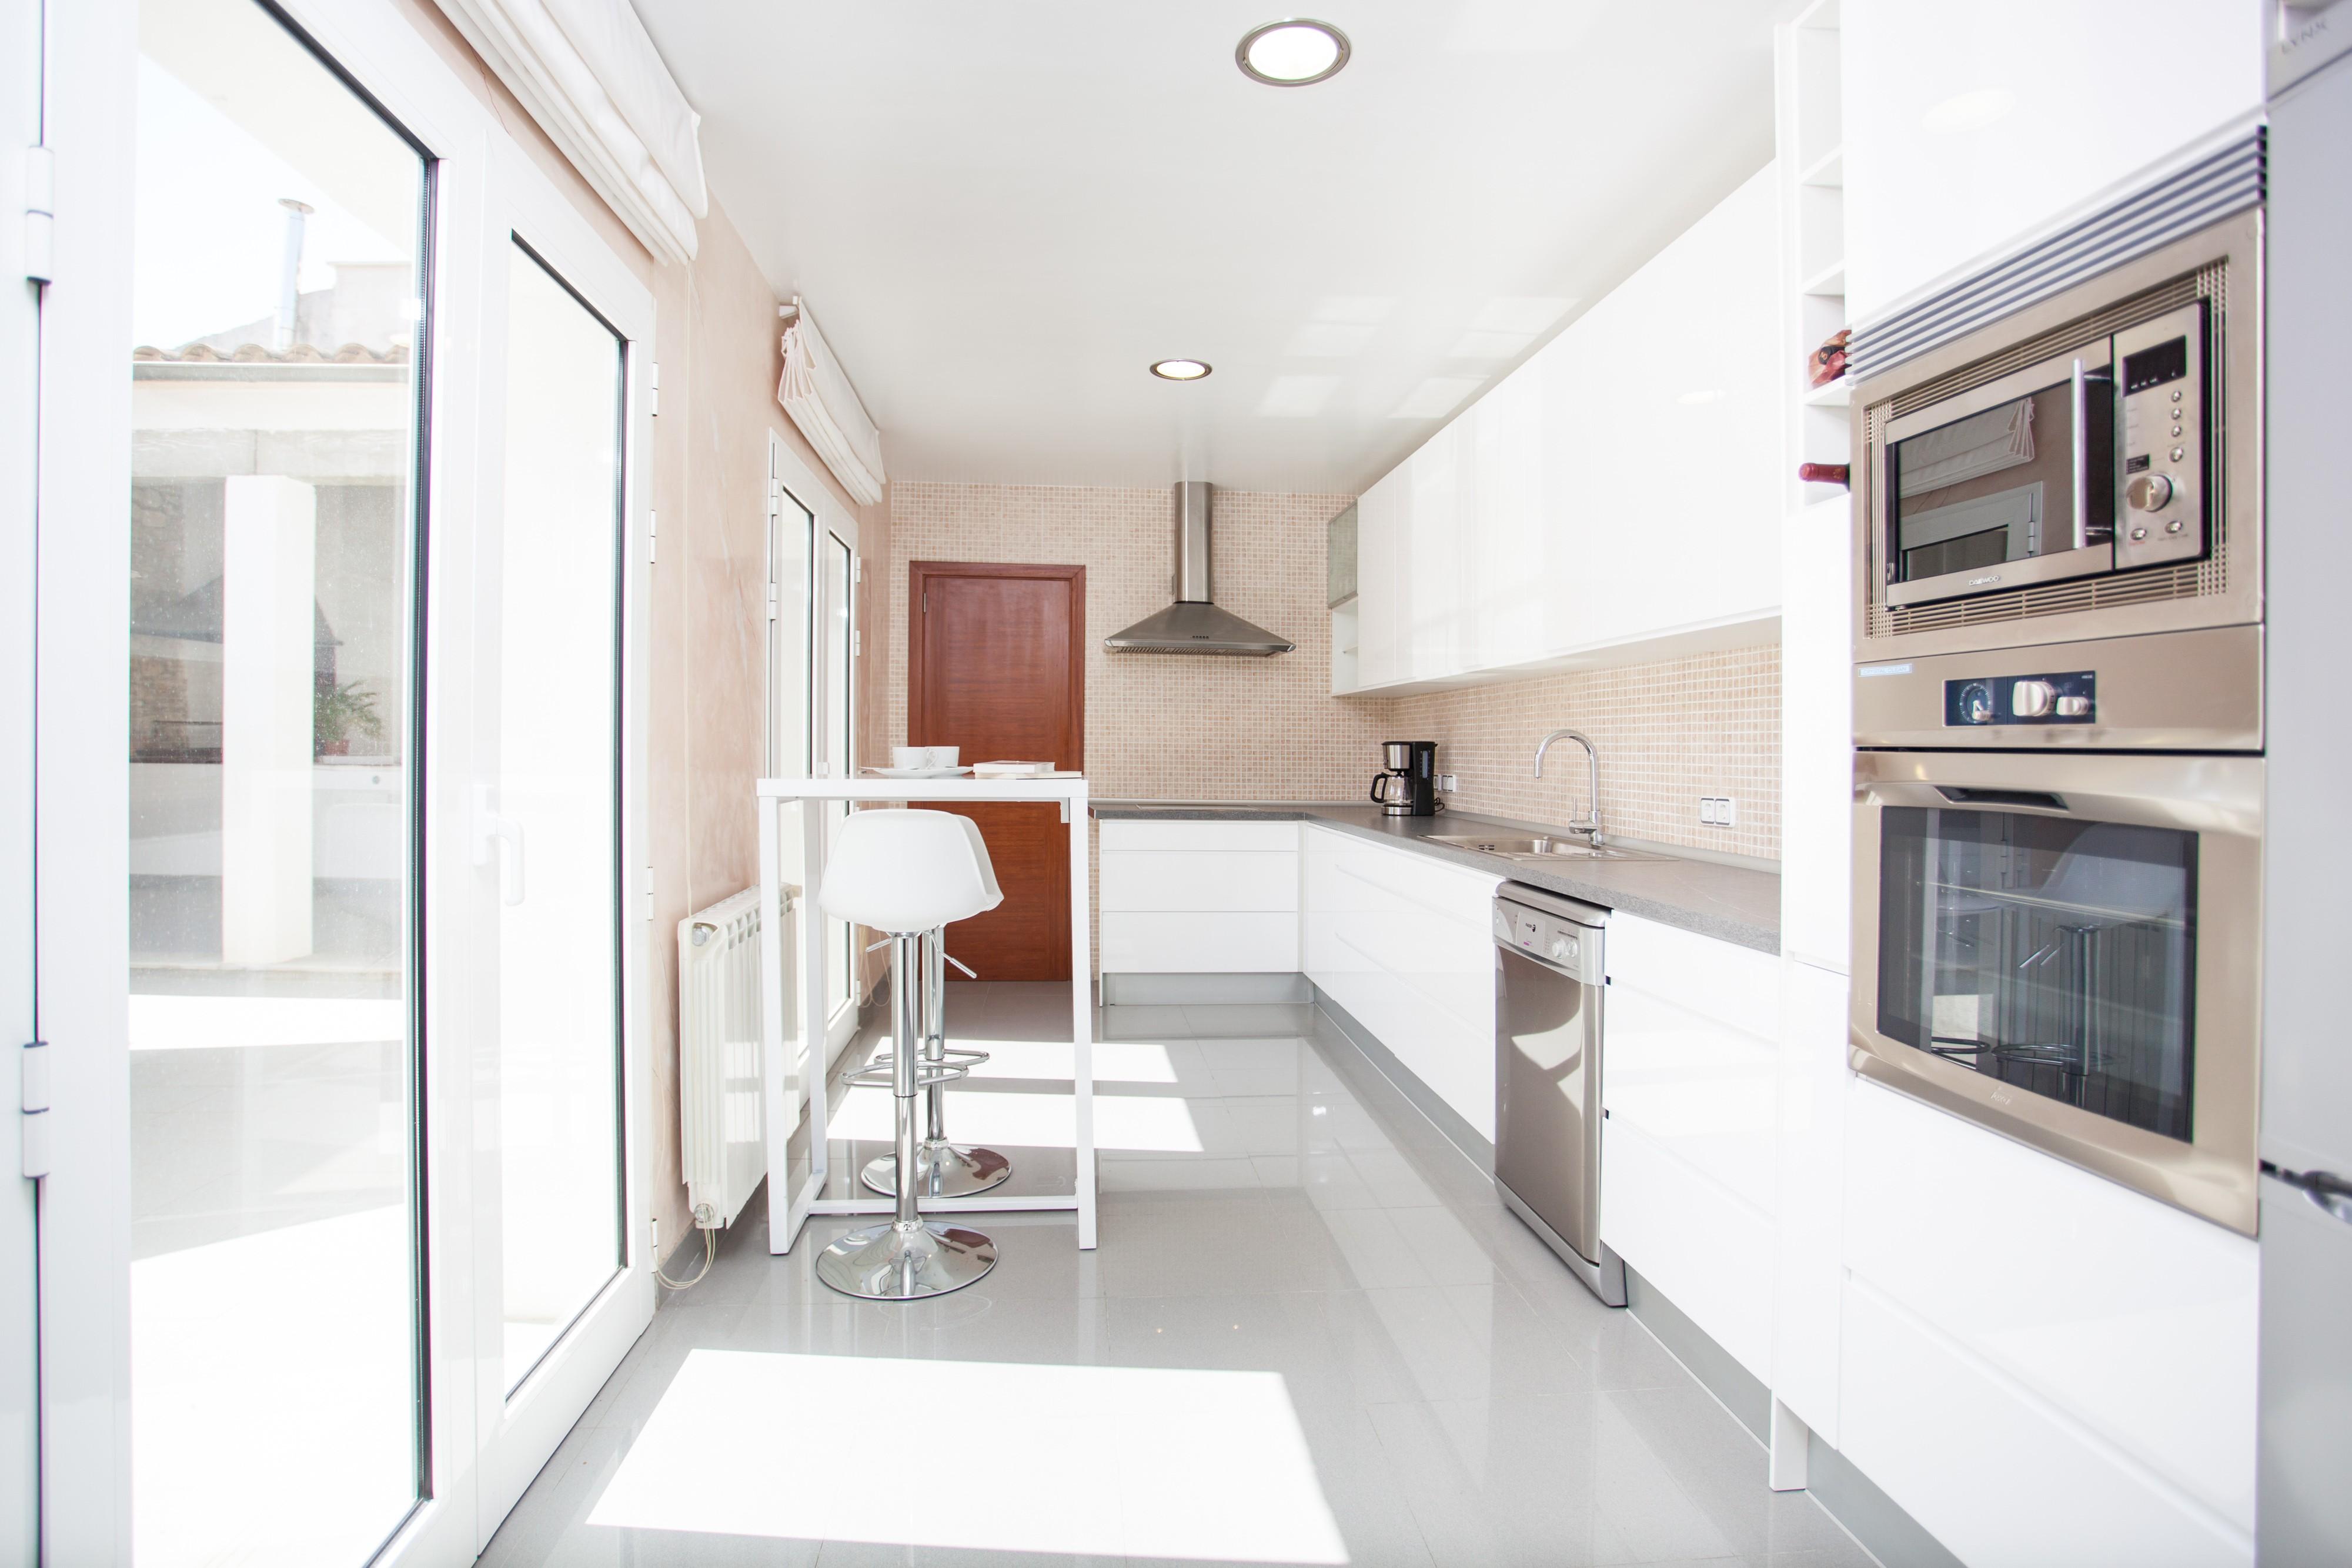 Maison de vacances CAN DOMINGO (2246405), Lloret de Vistalegre, Majorque, Iles Baléares, Espagne, image 5